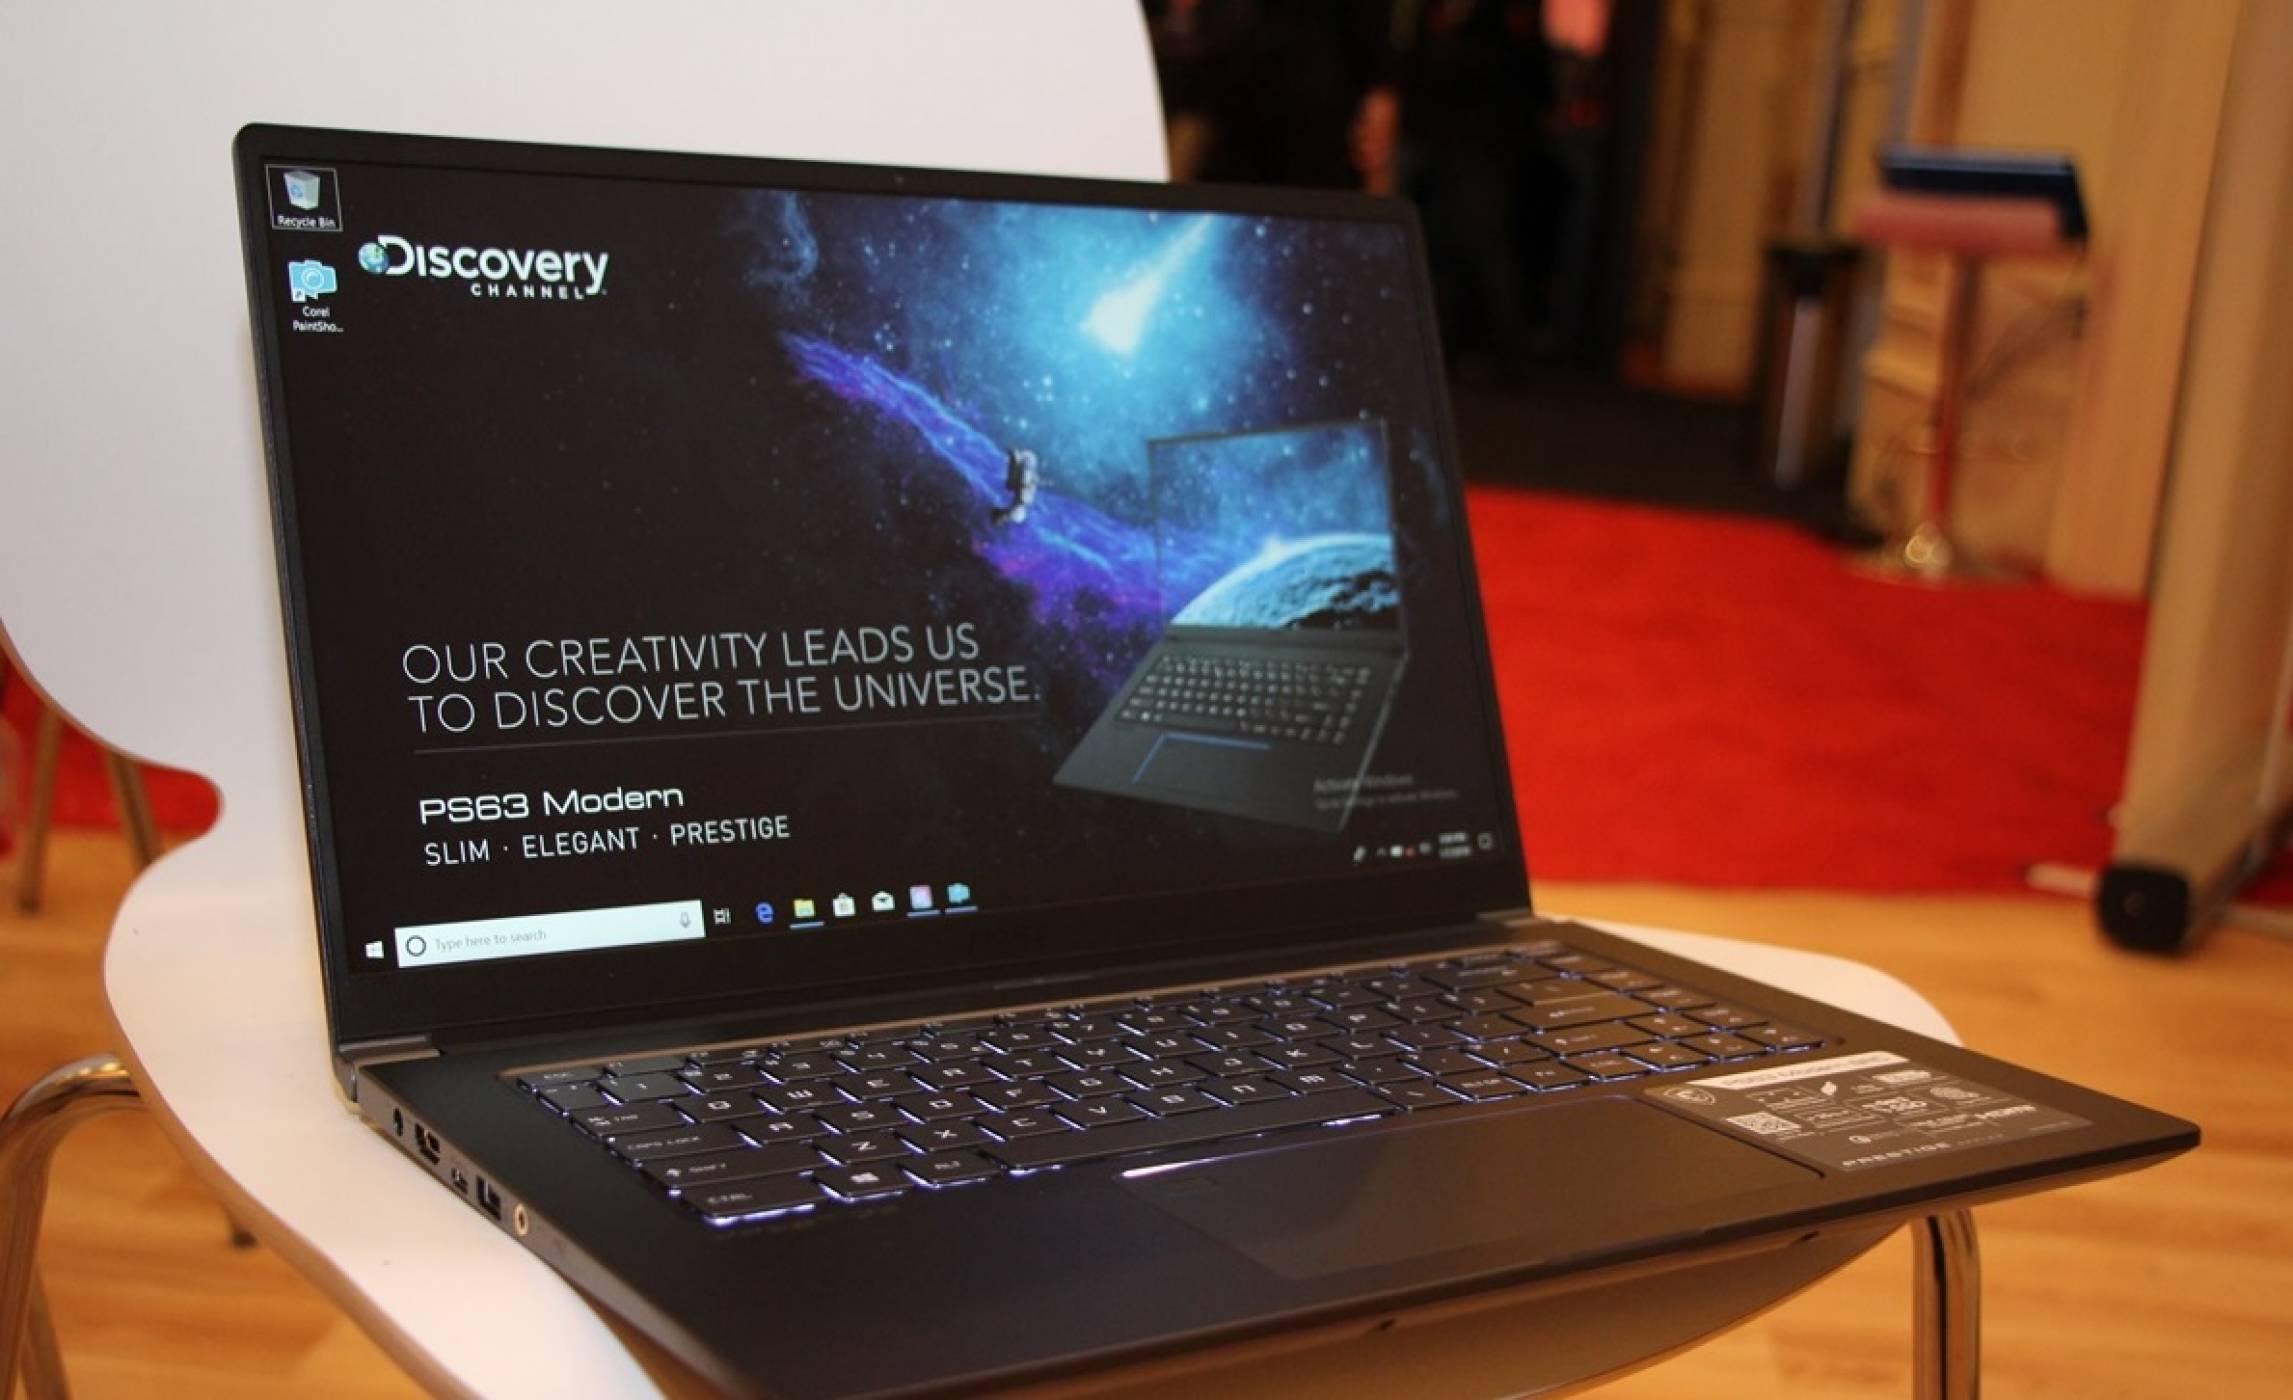 CES 2019: С MSI PS63 Modern може да творите навсякъде и без компромис